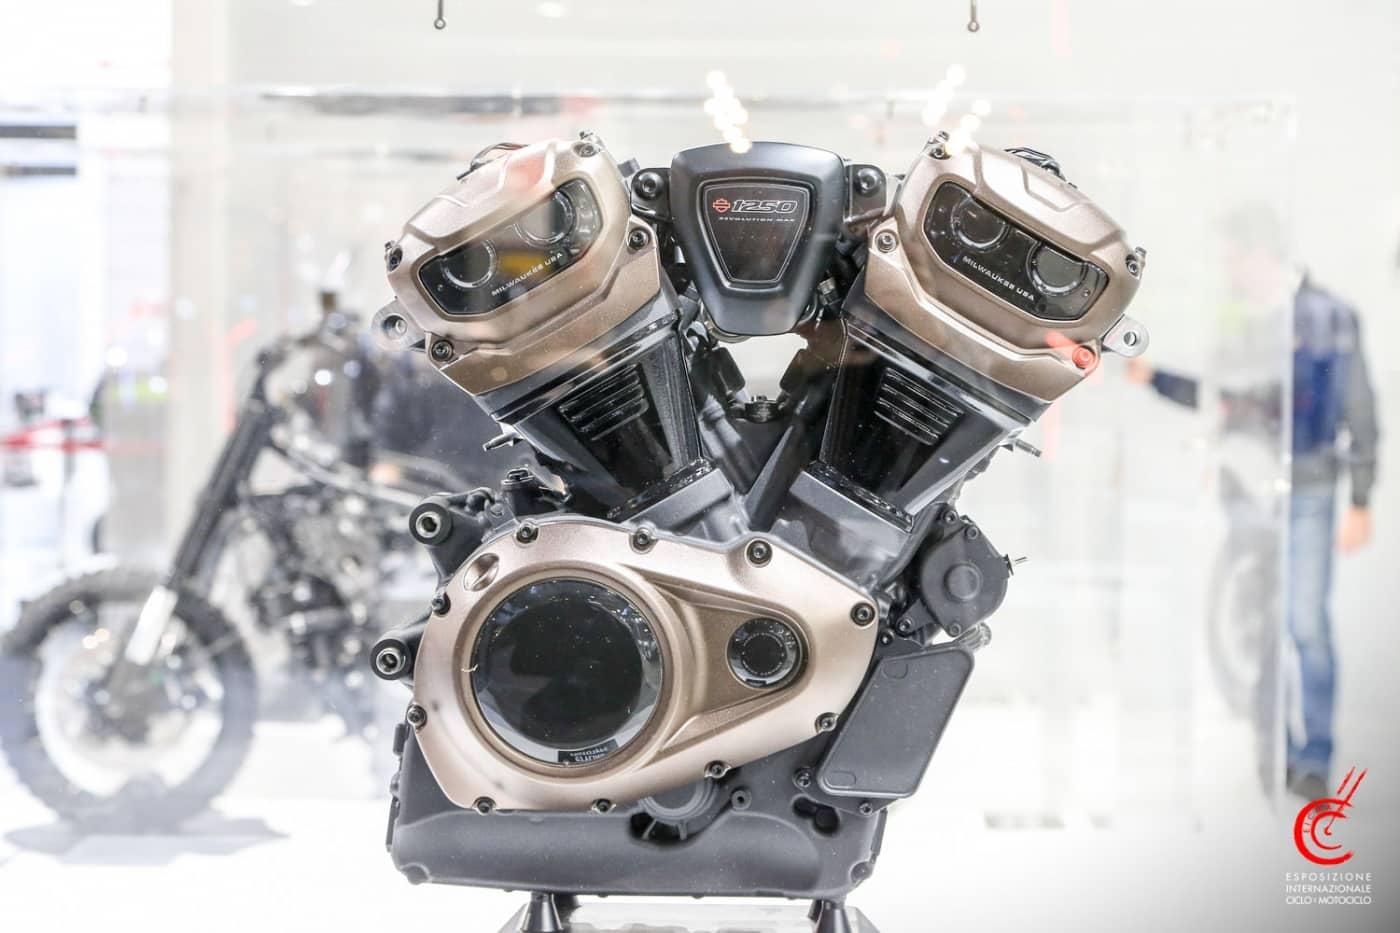 Der neue Revolution Max Motor von Harley-Davidson